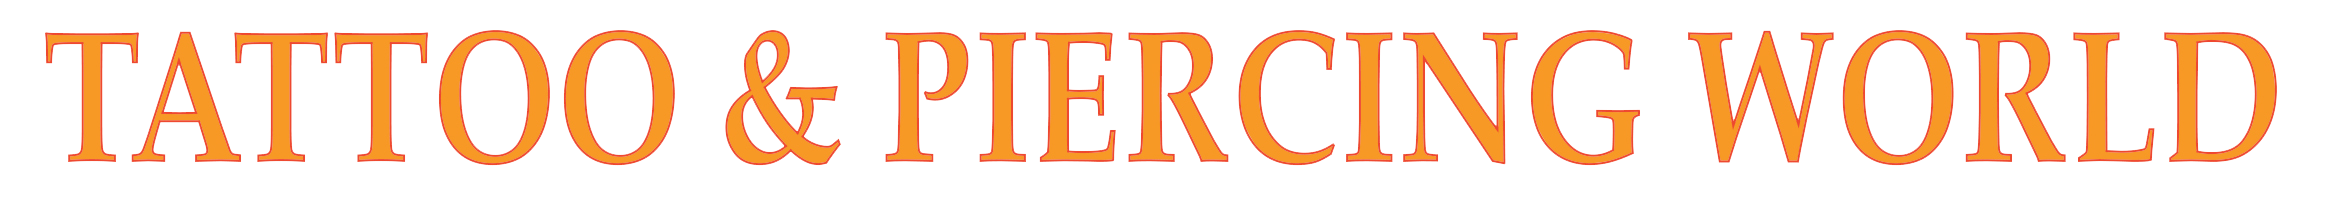 tattoo_logo_schrift_orange-1